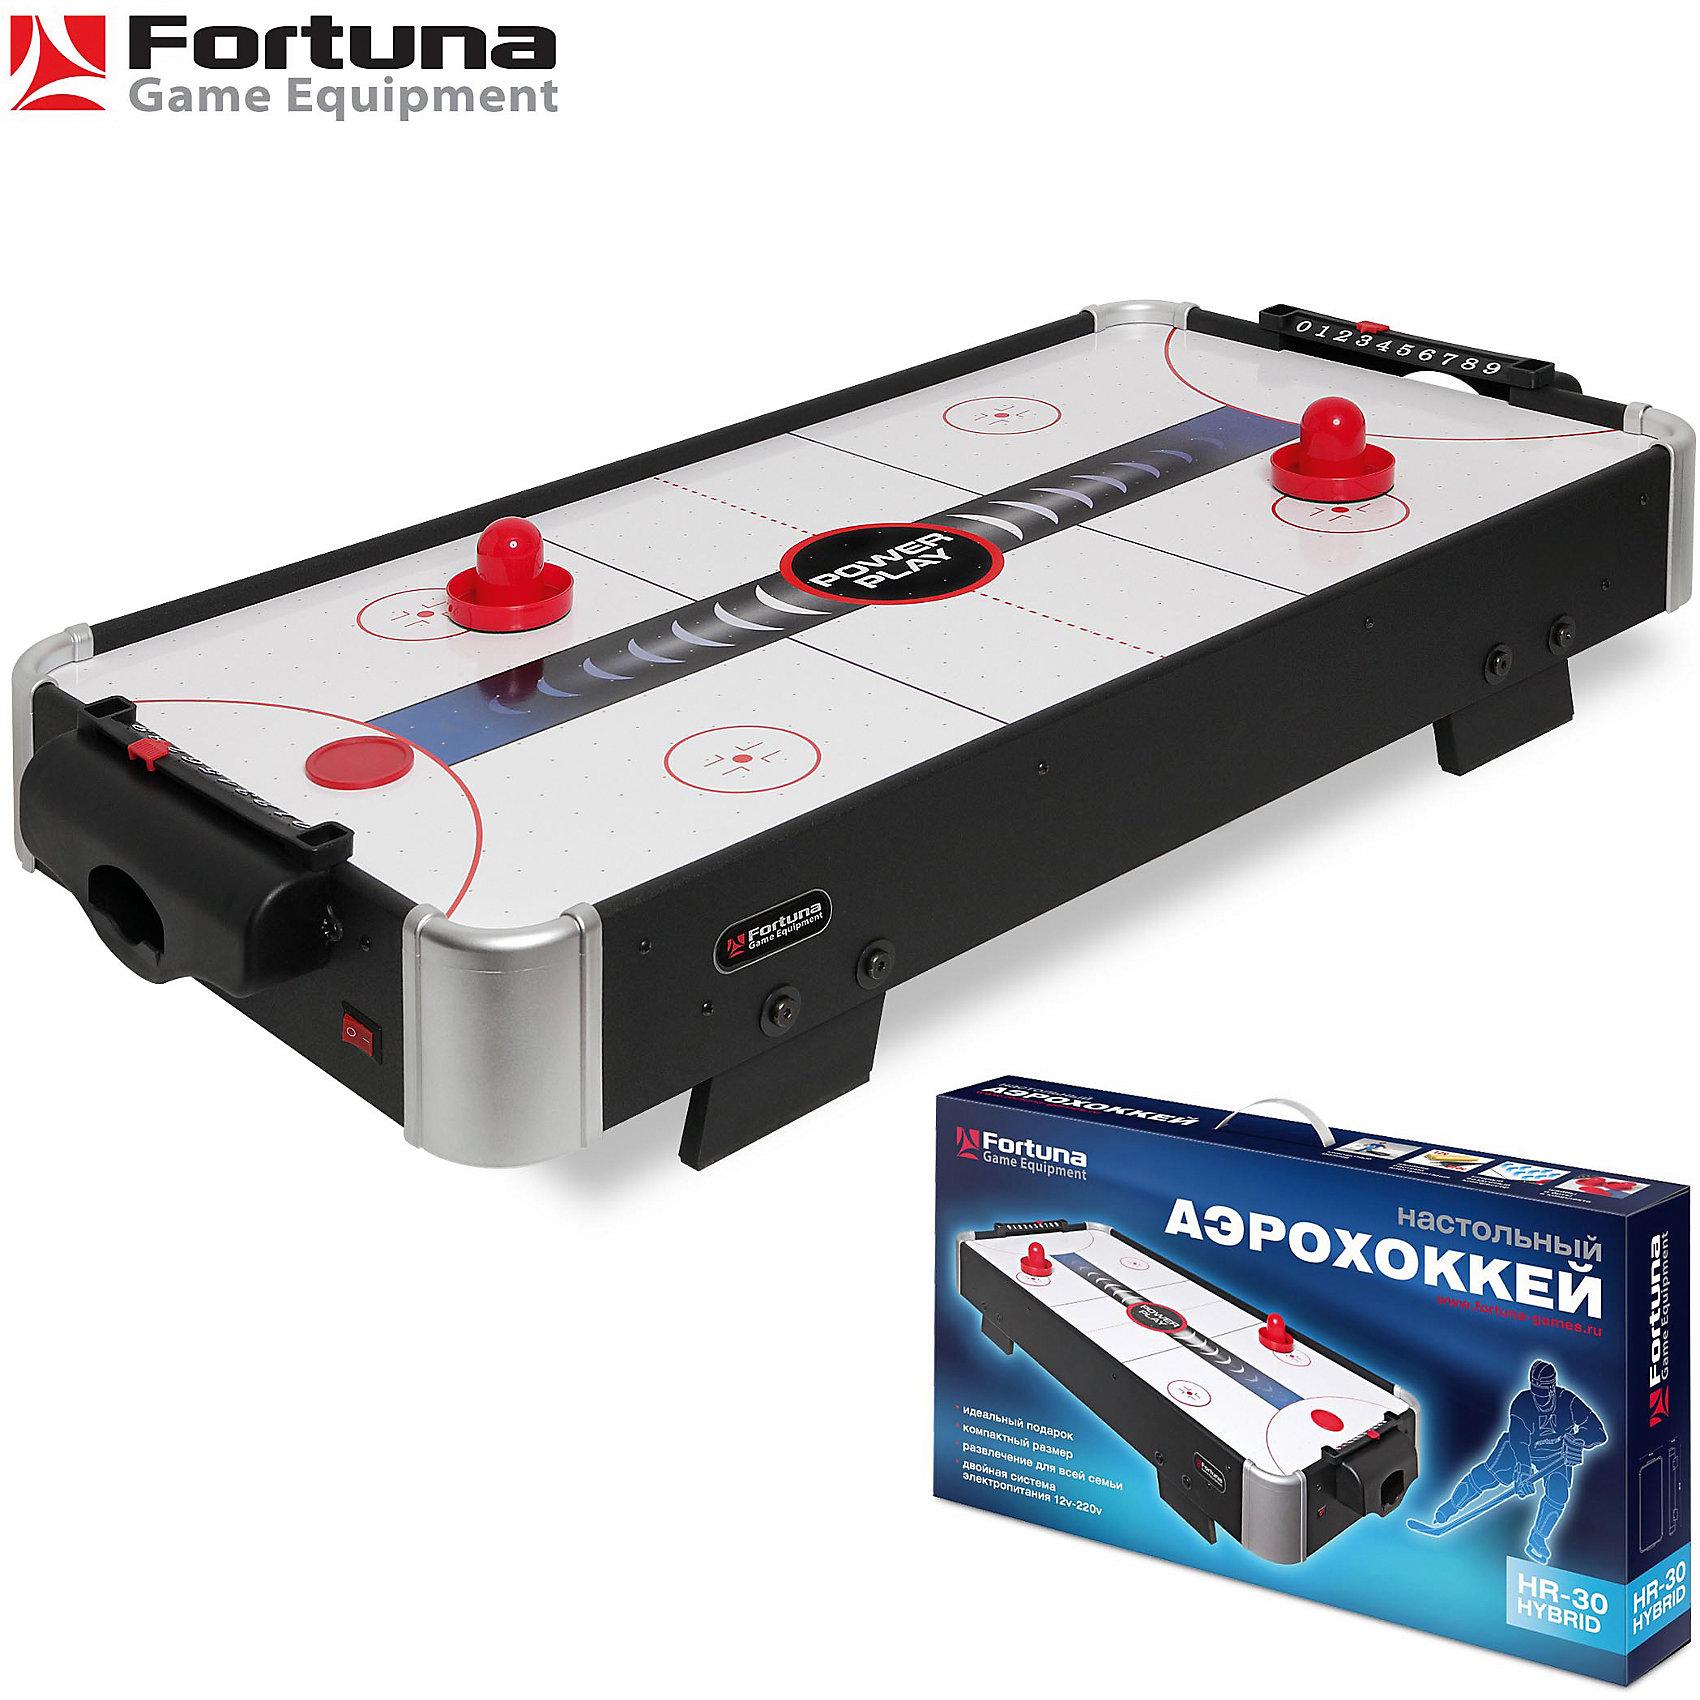 Настольный аэрохоккей HR-30 Power Play Hybrid, 86х43х15 см, FortunaНастольные игры<br>Настольный аэрохоккей HR-30 Power Play Hybrid<br><br>Характеристики игрового набора Fortuna Game Equipment:<br><br>• габариты стола в собранном виде: 86х43х15 см;<br>• вес стола: 5,72 кг;<br>• размер игрового поля: 84х41 см;<br>• имеется компрессор;<br>• не регулируется по высоте, не имеет электронного счетчика очков;<br>• материал корпуса, покрытие: МДФ, ПВХ;<br>• питание: система Hybrid: 220В / 12В (8 батареек 1,5В типа АА);<br>• размер упаковки: 93х49х15 см;<br>• вес упаковки: 8,850 кг;<br>• упаковка: мастер-коробка, коммерческая коробка, МДФ, пенопласт, полиэтилен.<br><br>Настольный аэрохоккей принесет удовольствие не только детям, но и их родителям. Качественные материалы, стильный дизайн и яркое оформление, простота сборки, возможность использования в домашних условиях.<br><br>Комплектация игрового набора «Аэрохоккей»:<br><br>• 2 биты, диаметр 6,5 см;<br>• 2 шайбы, диаметр 5 см;<br>• 1 адаптер.<br><br>Настольный аэрохоккей HR-30 Power Play Hybrid, 86х43х15 см, Fortuna можно купить в нашем интернет-магазине.<br><br>Ширина мм: 930<br>Глубина мм: 150<br>Высота мм: 490<br>Вес г: 8850<br>Возраст от месяцев: 36<br>Возраст до месяцев: 2147483647<br>Пол: Унисекс<br>Возраст: Детский<br>SKU: 5032451